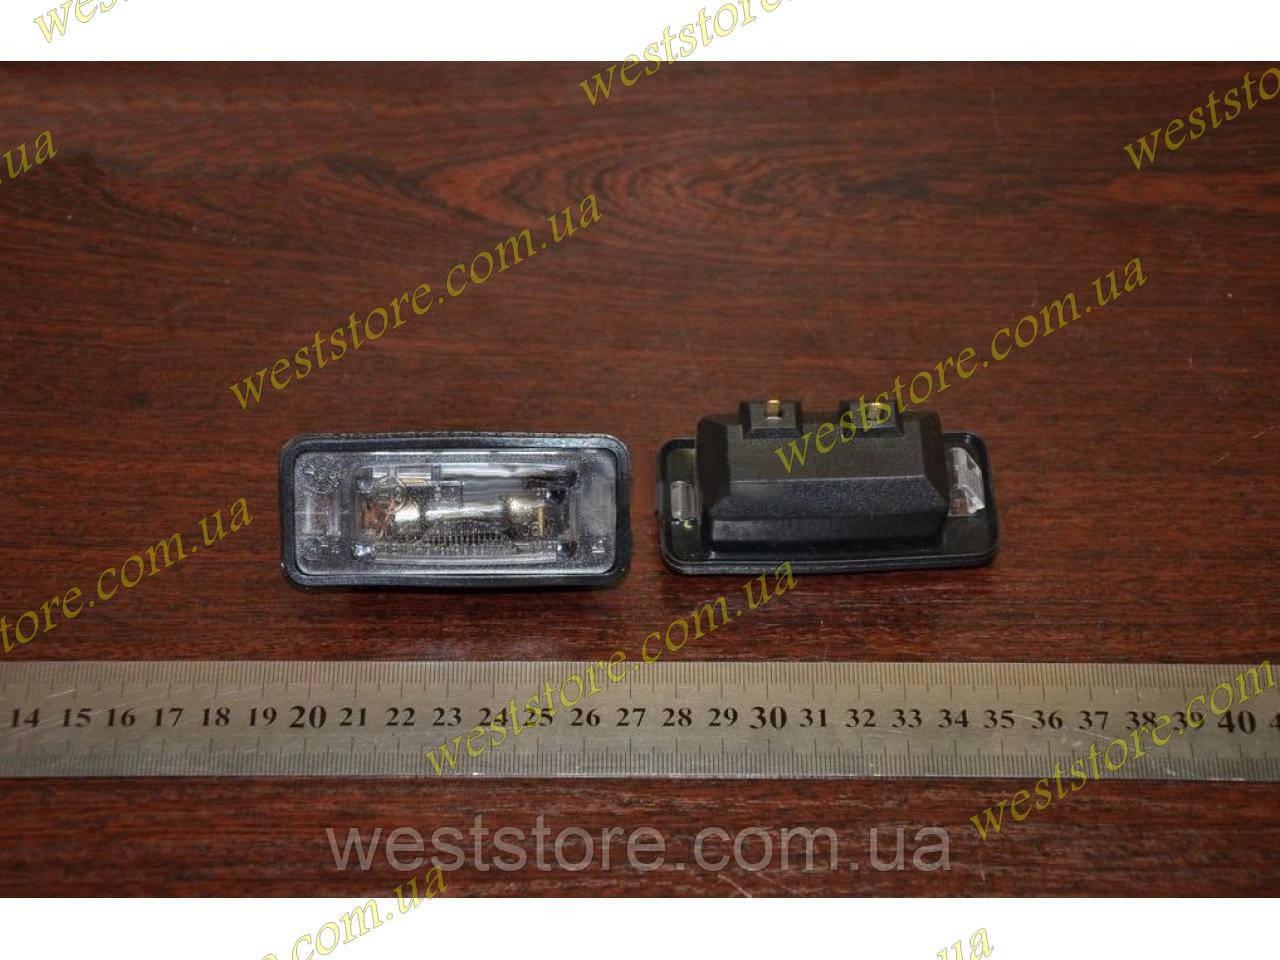 Подсветка заднего номера Ваз 2108 2109 нового образца